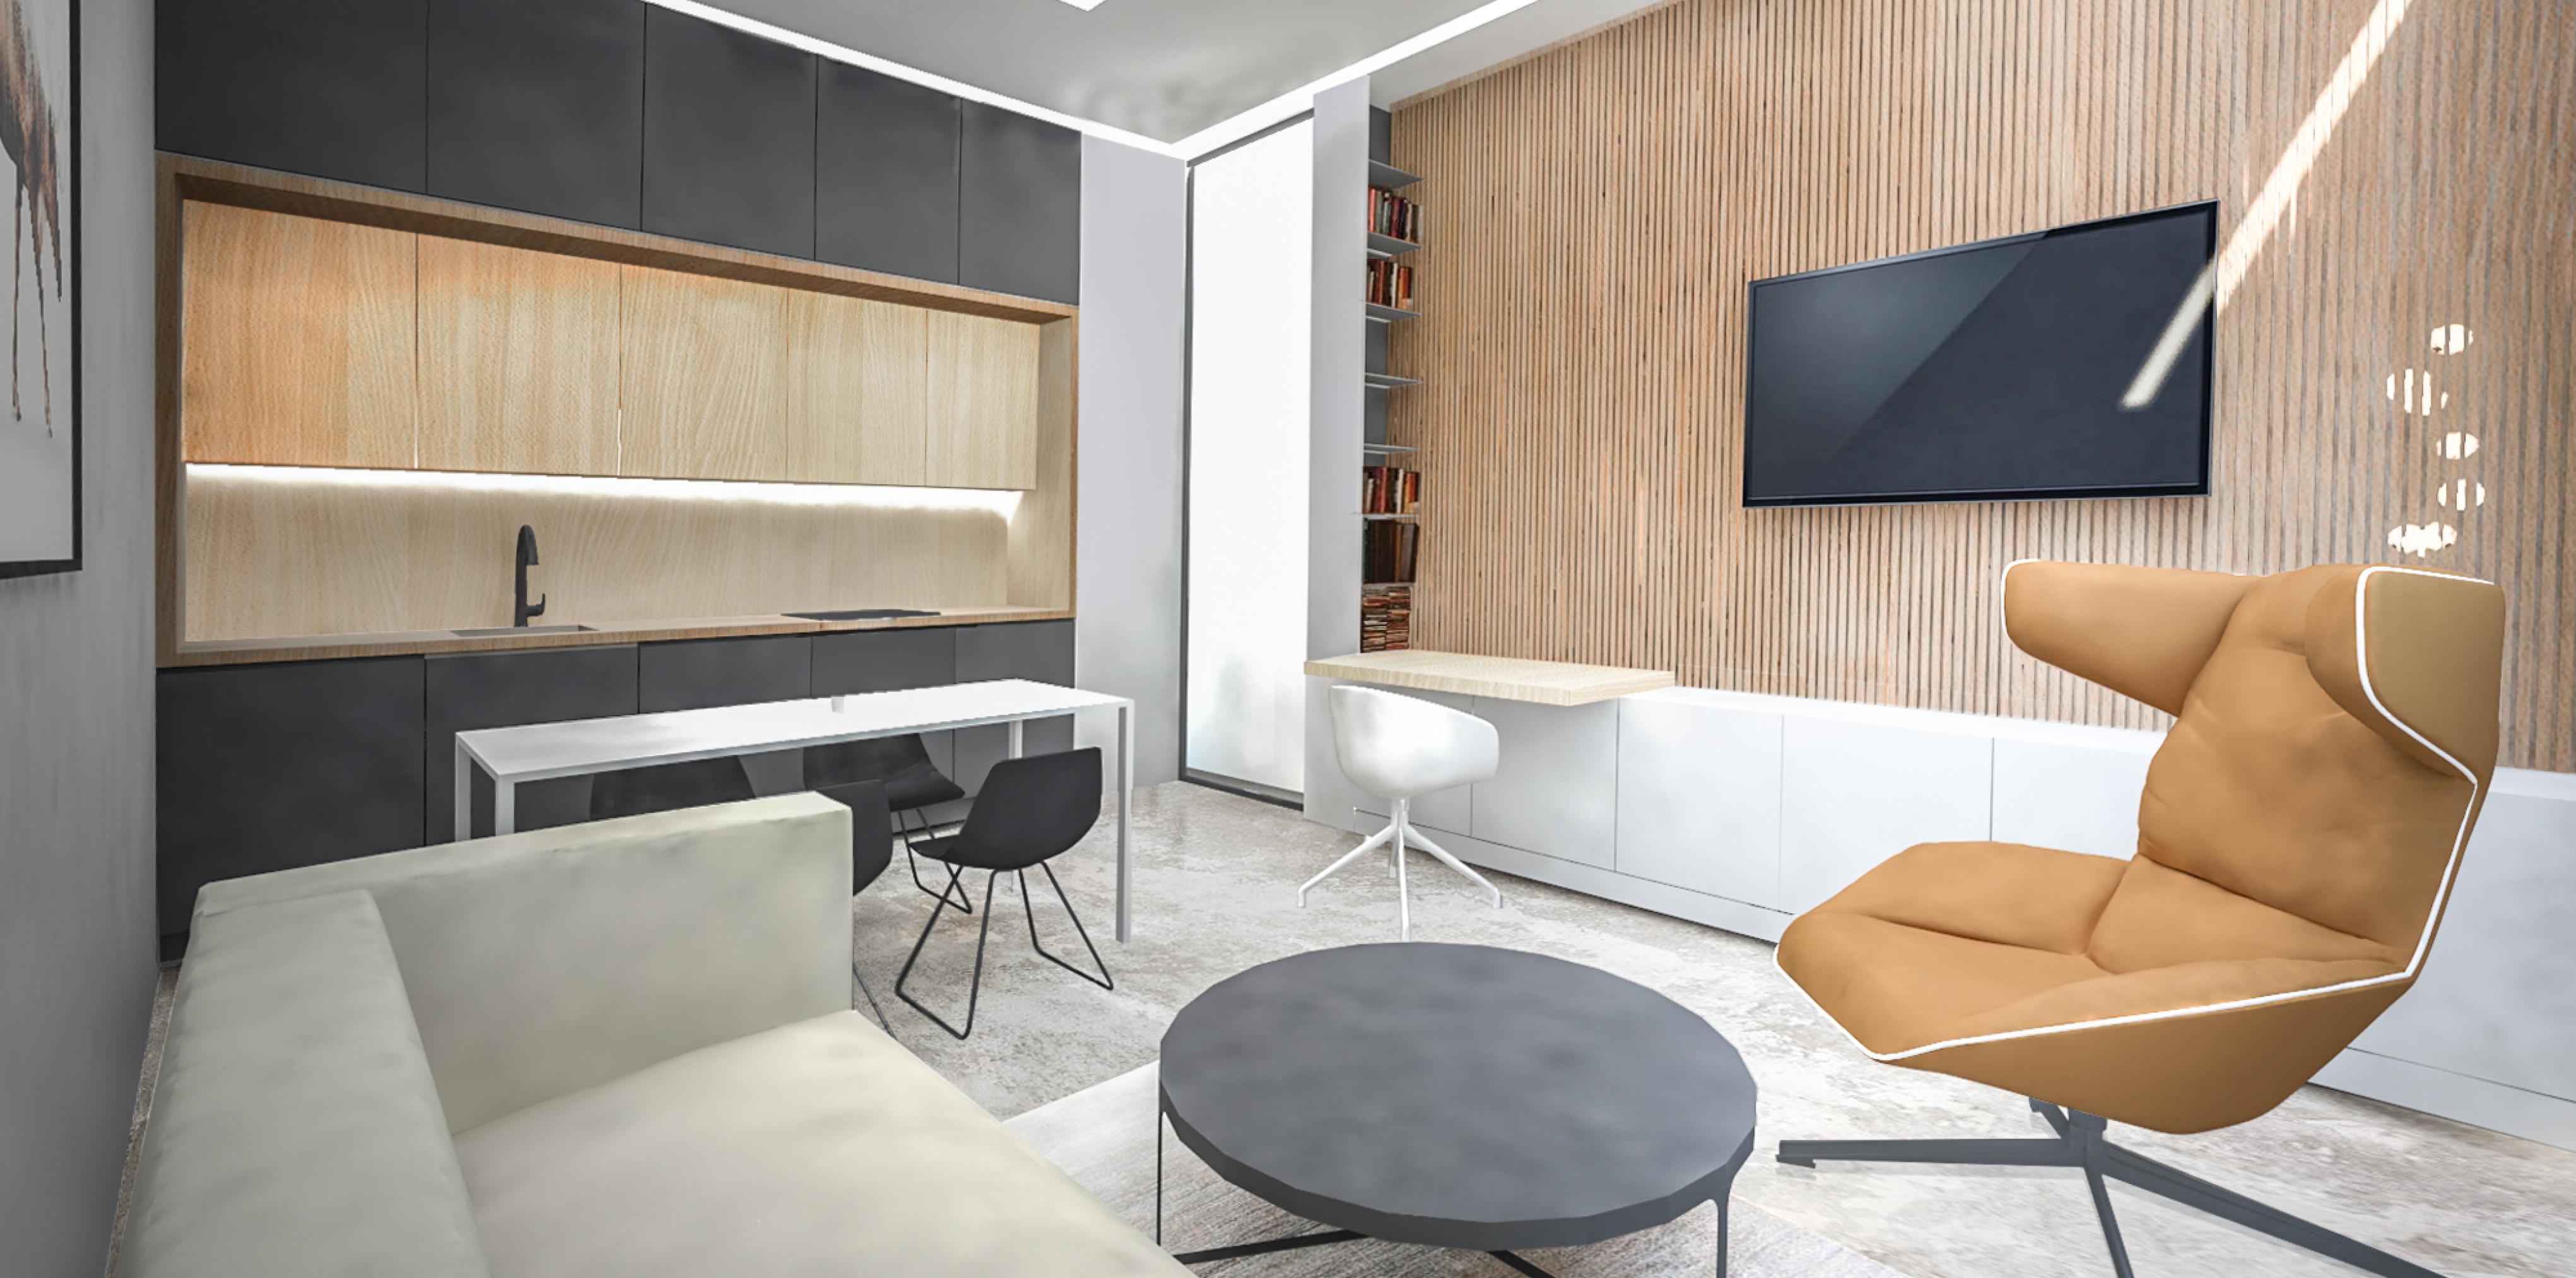 interiér bytu 2 kk_n